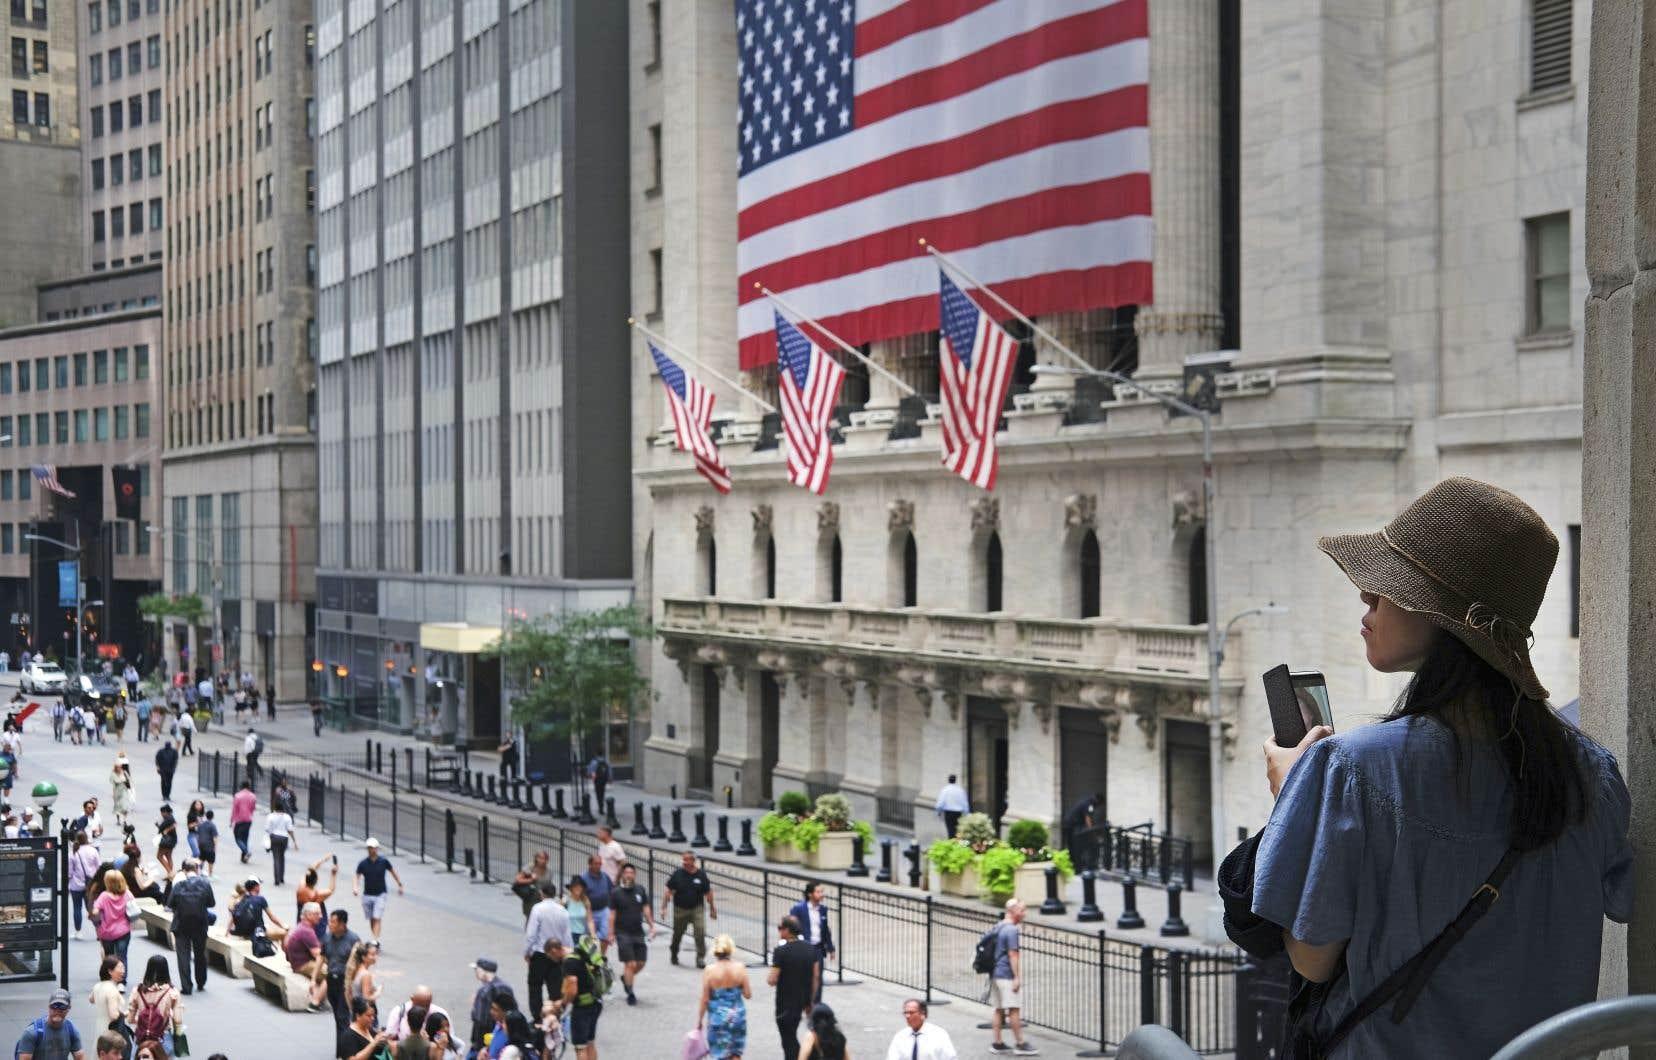 Les incertitudes autour de la guerre commerciale avec la Chine ont porté un coup à la croissance américaine.